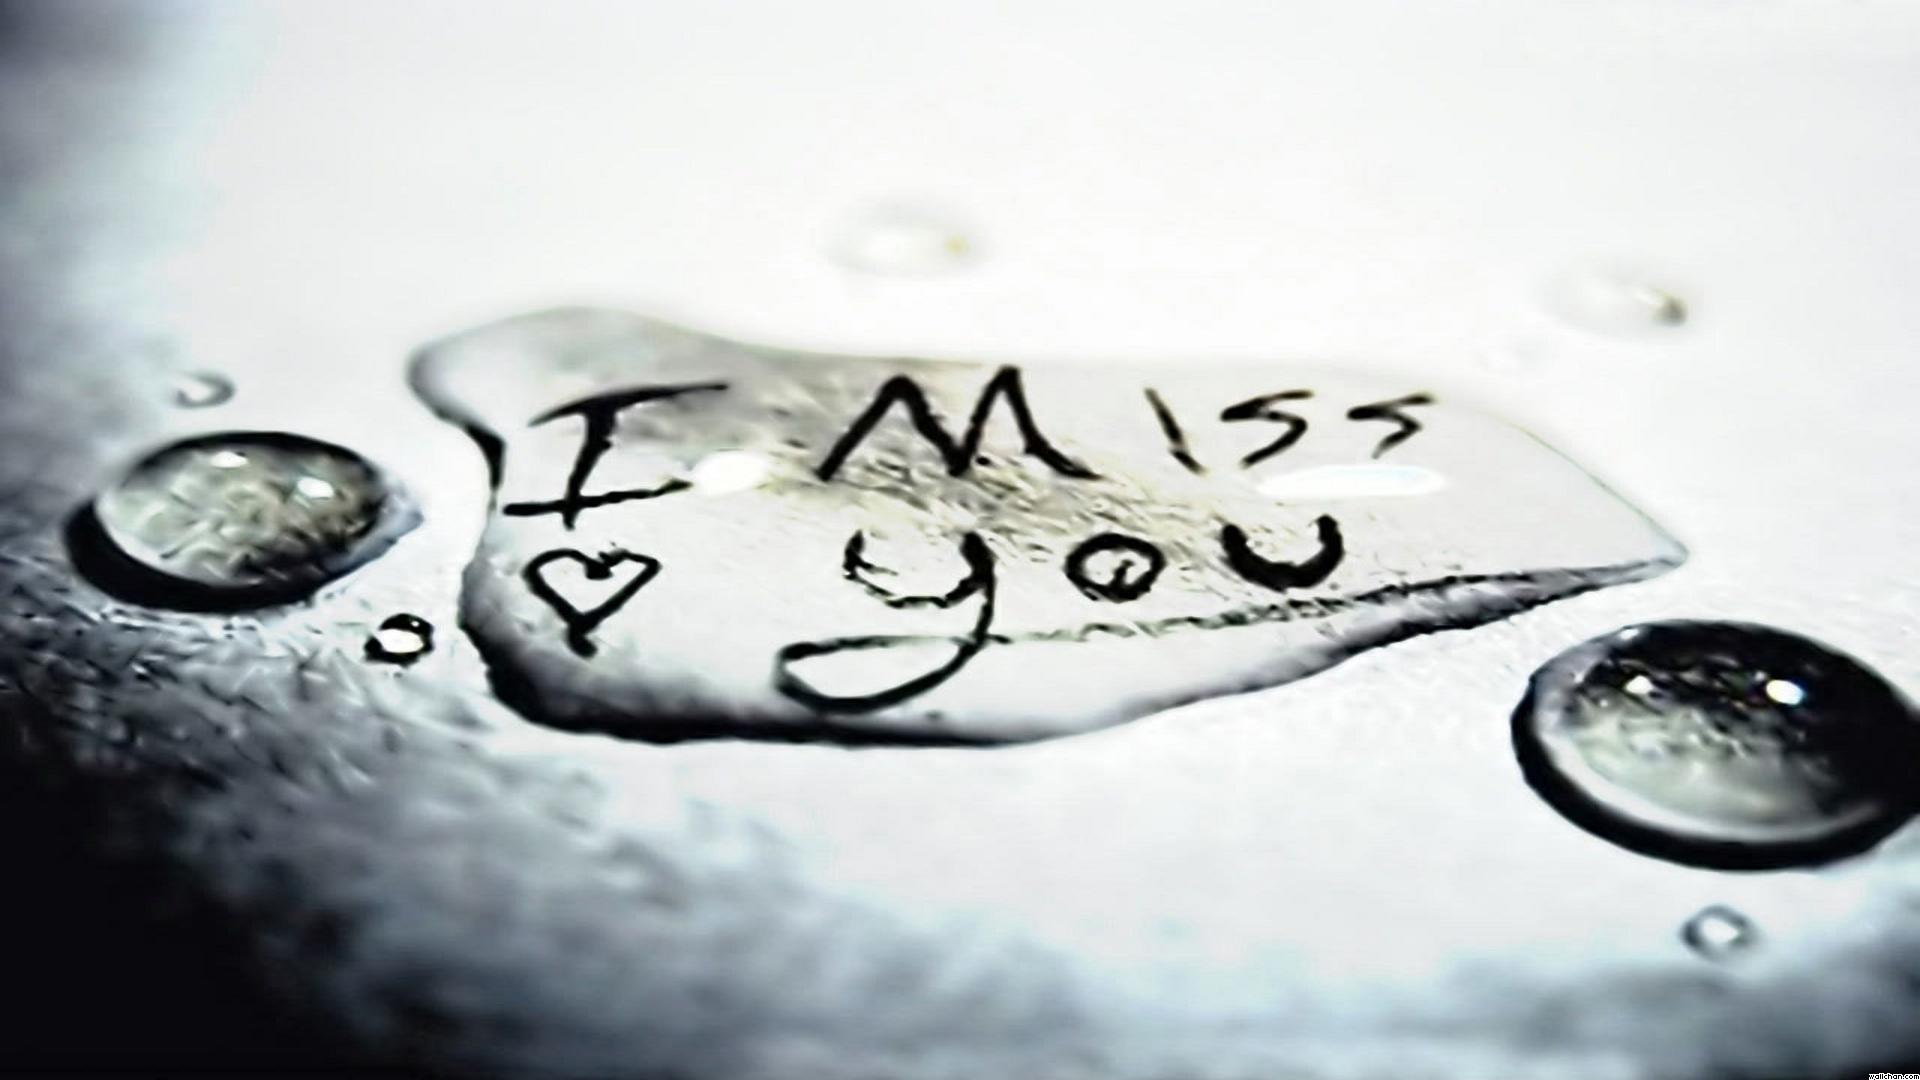 Wallpaper download i miss you - Art I Miss You Wallpaper